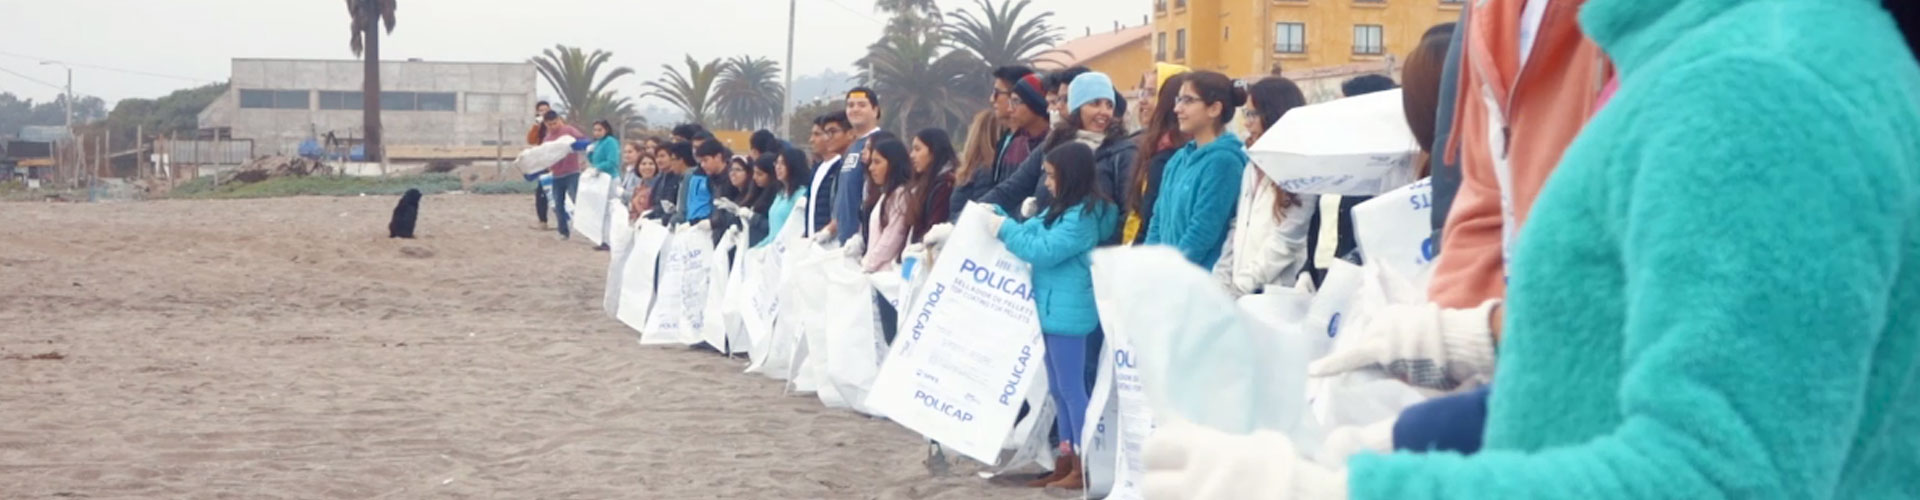 reciclan-dia-del-oceano-banner-1